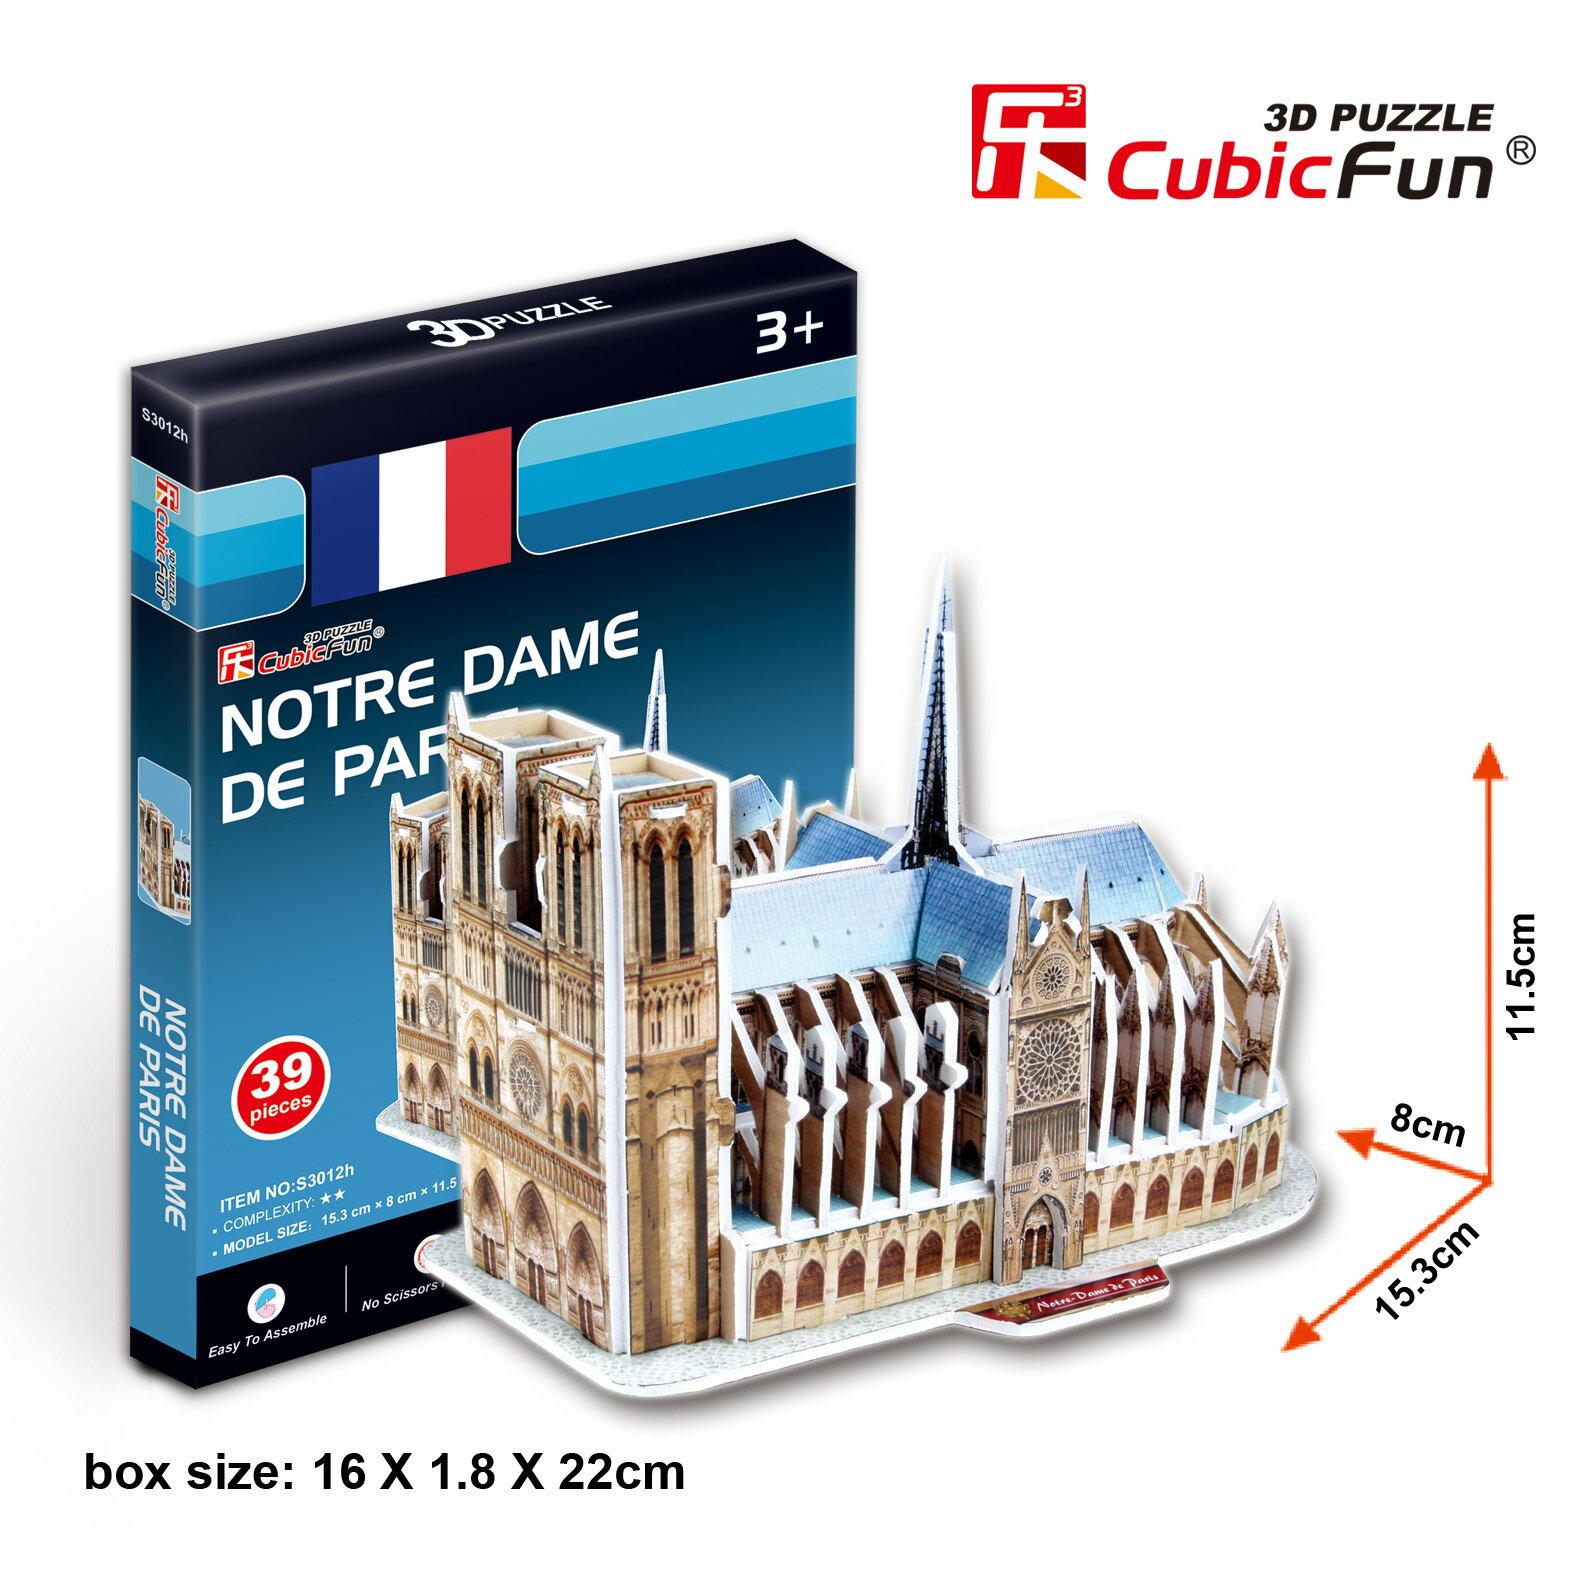 3D Puzzle 立體拼圖 - 迷你世界建築 【法國巴黎聖母院】S3012 兒童級 39片